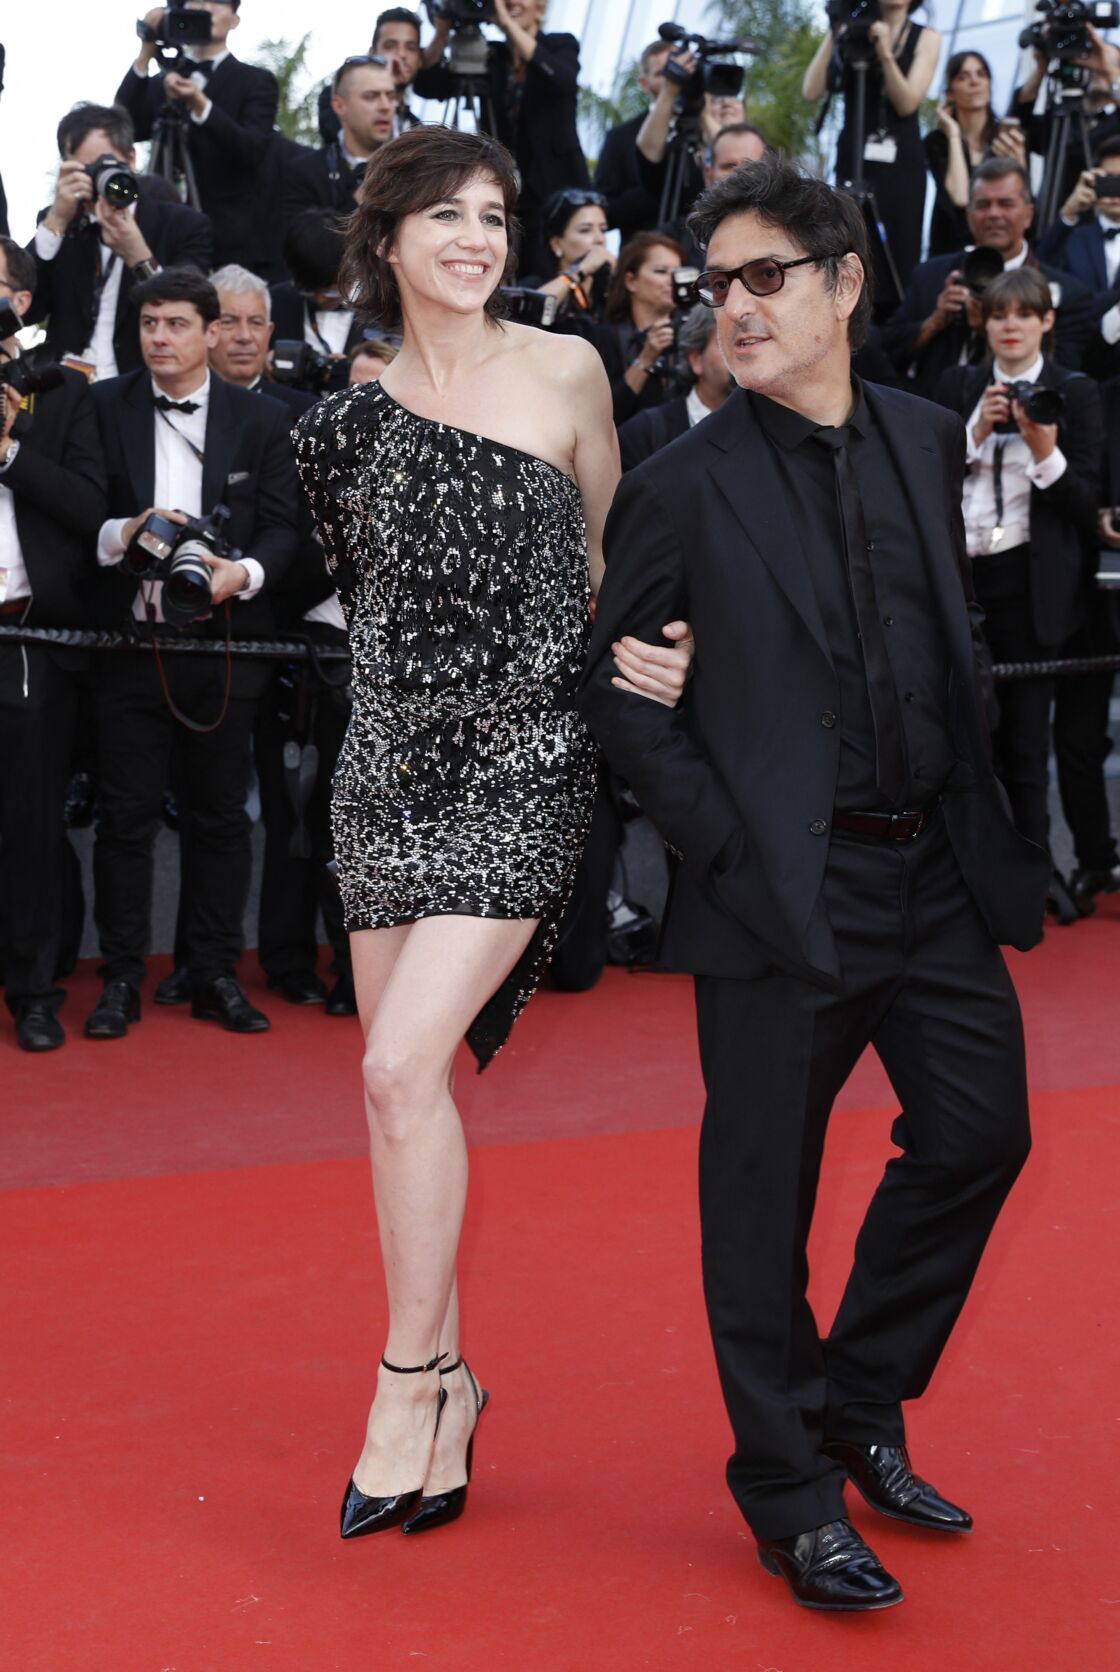 Charlotte Gainsbourg et Yvan Attal apparaissent toujours aussi complices, après 29 ans de vie commune, comme ici à Cannes en mai 2017.